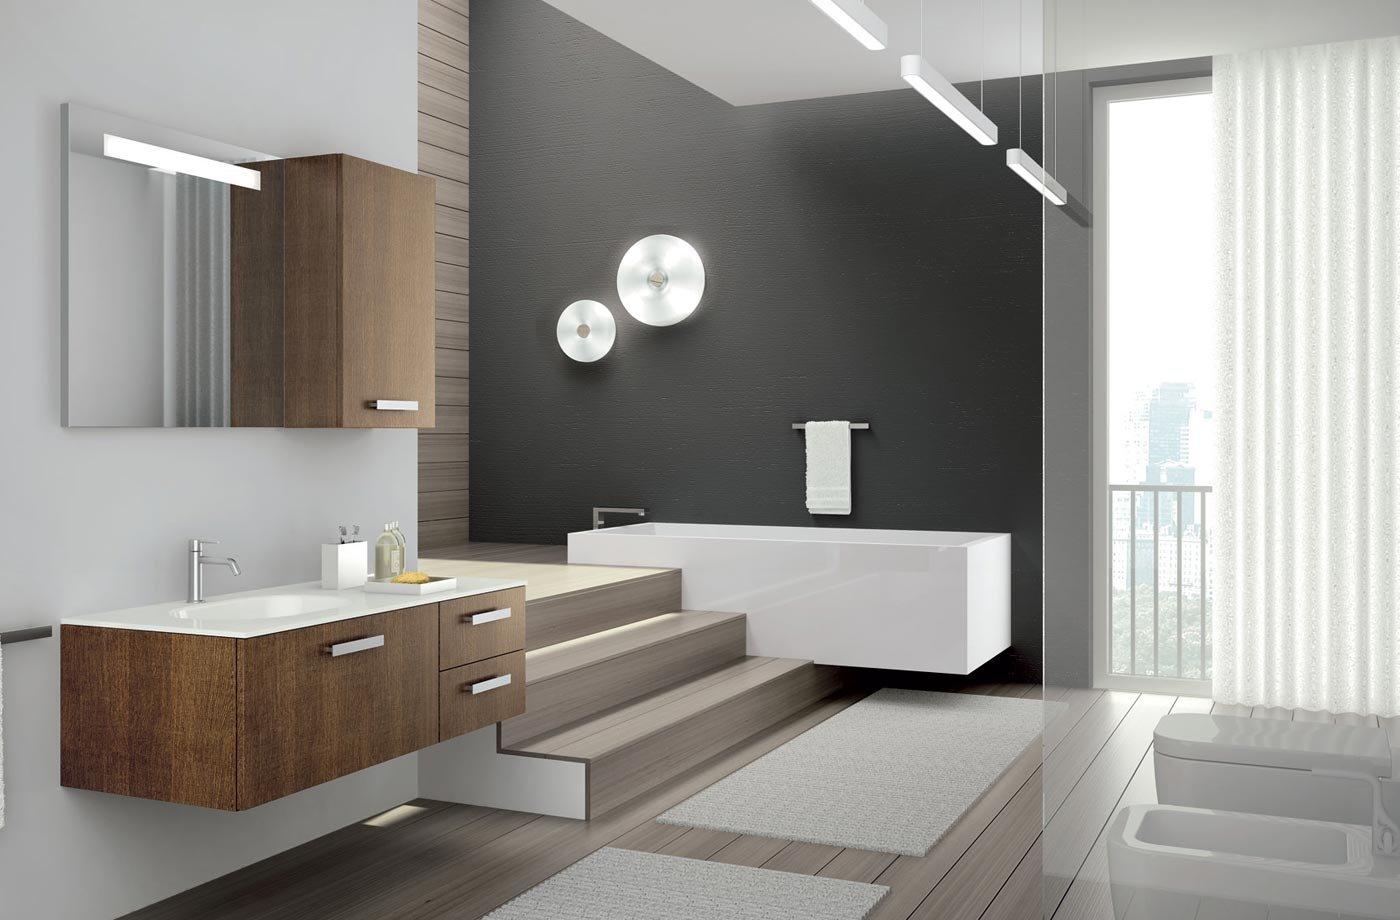 Lavabos de dise o moderno de la firma altamarea for Muebles minimalistas para casas pequenas